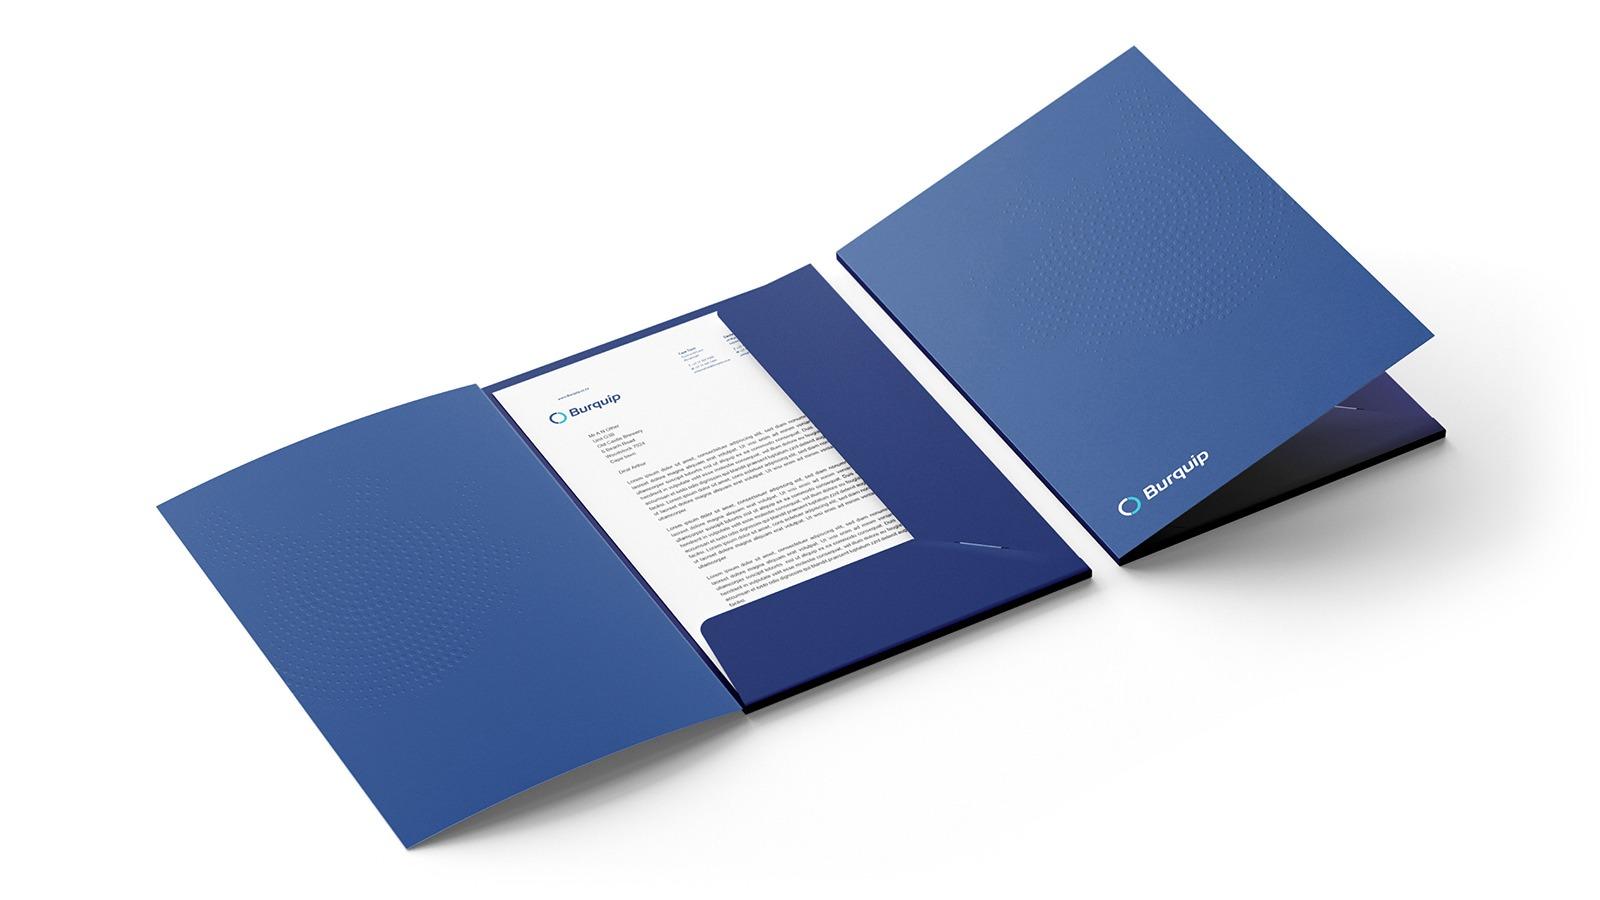 Burquip Folder